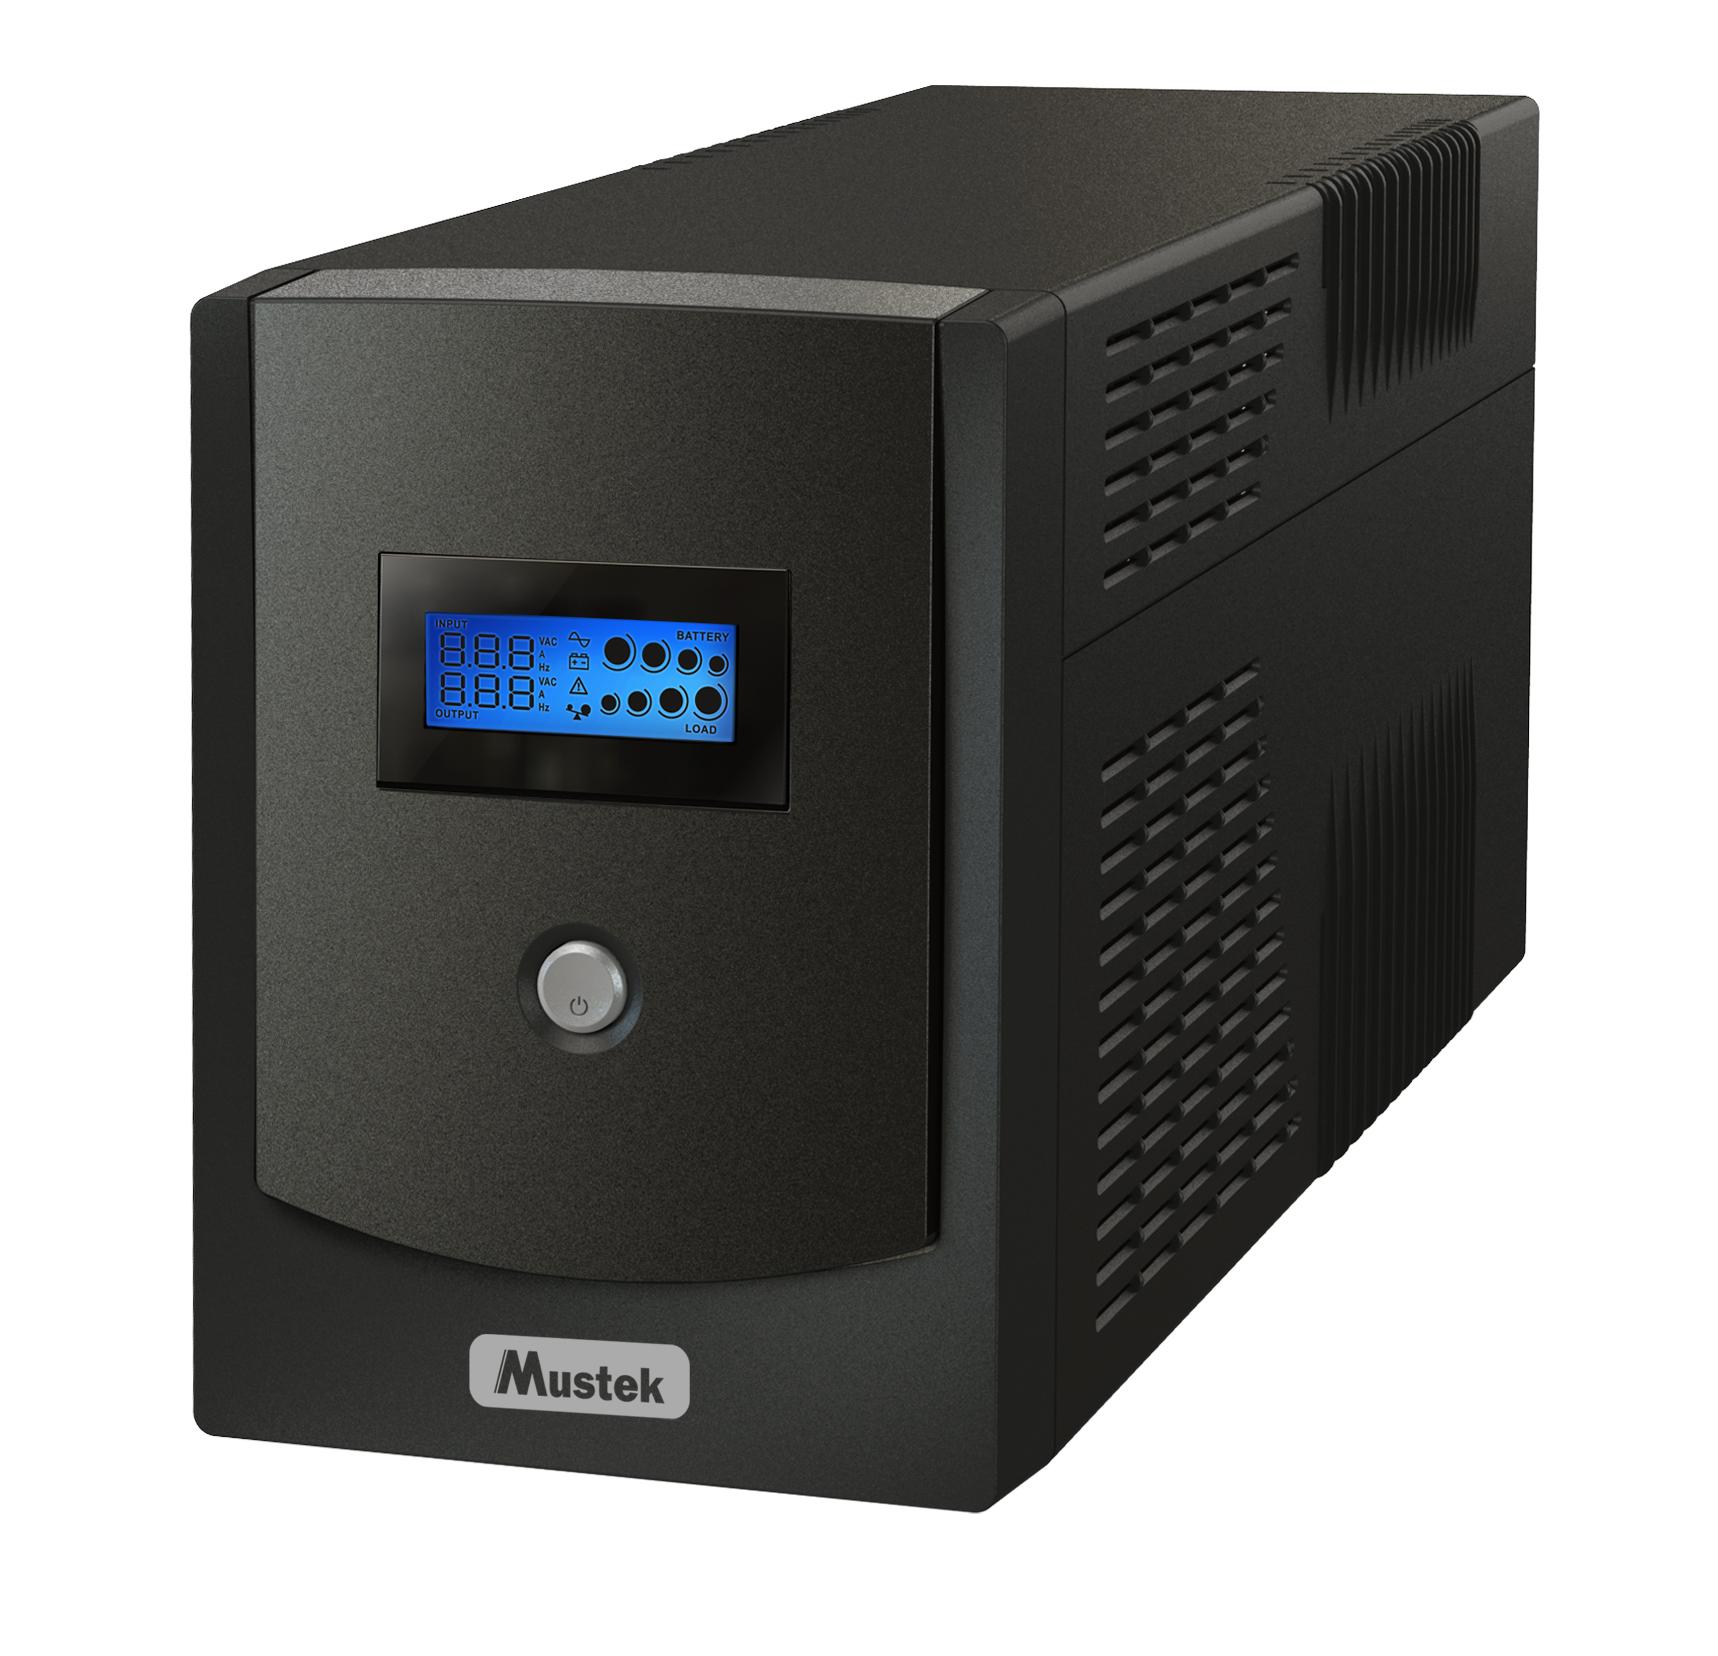 UPS Mustek PowerMust 1500 Sinewave LCD Line Interactive 1500VA/1050W 2xSchuko + 2xIEC